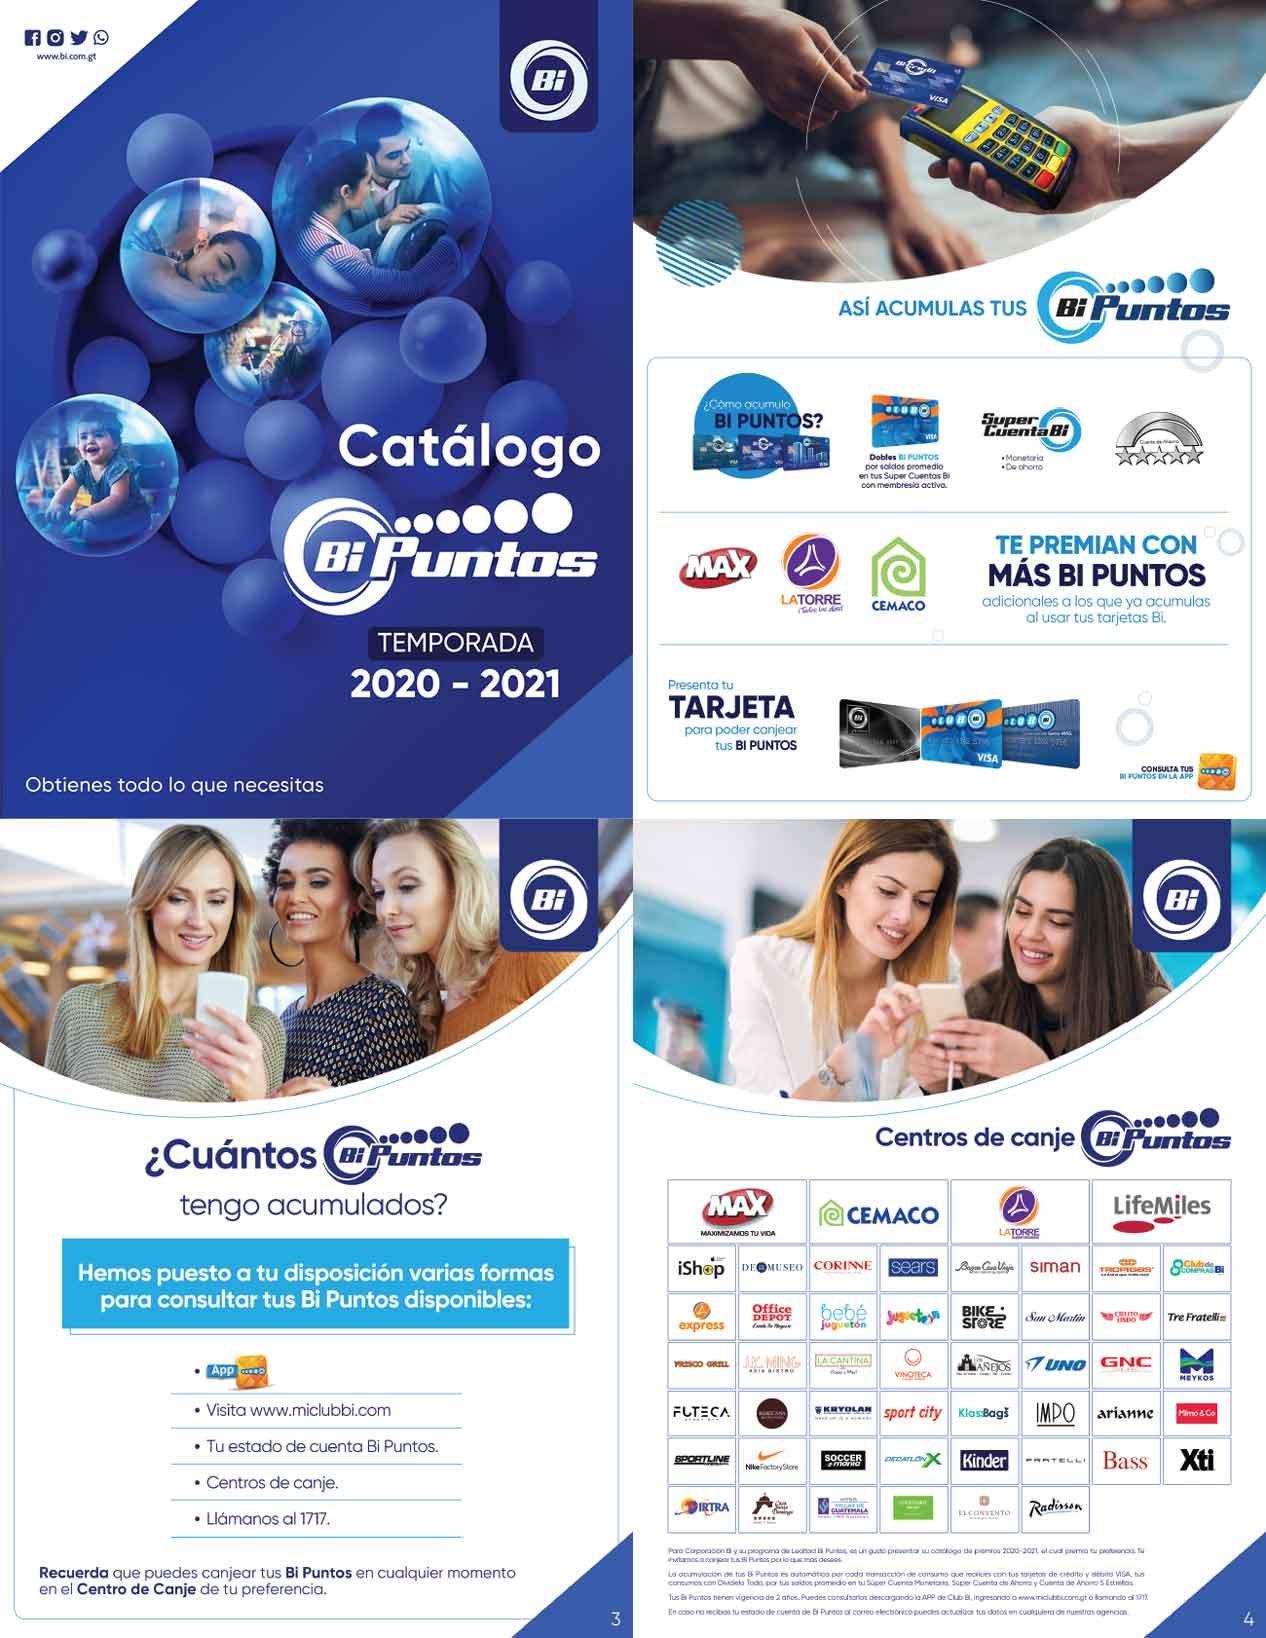 Catalogo_01